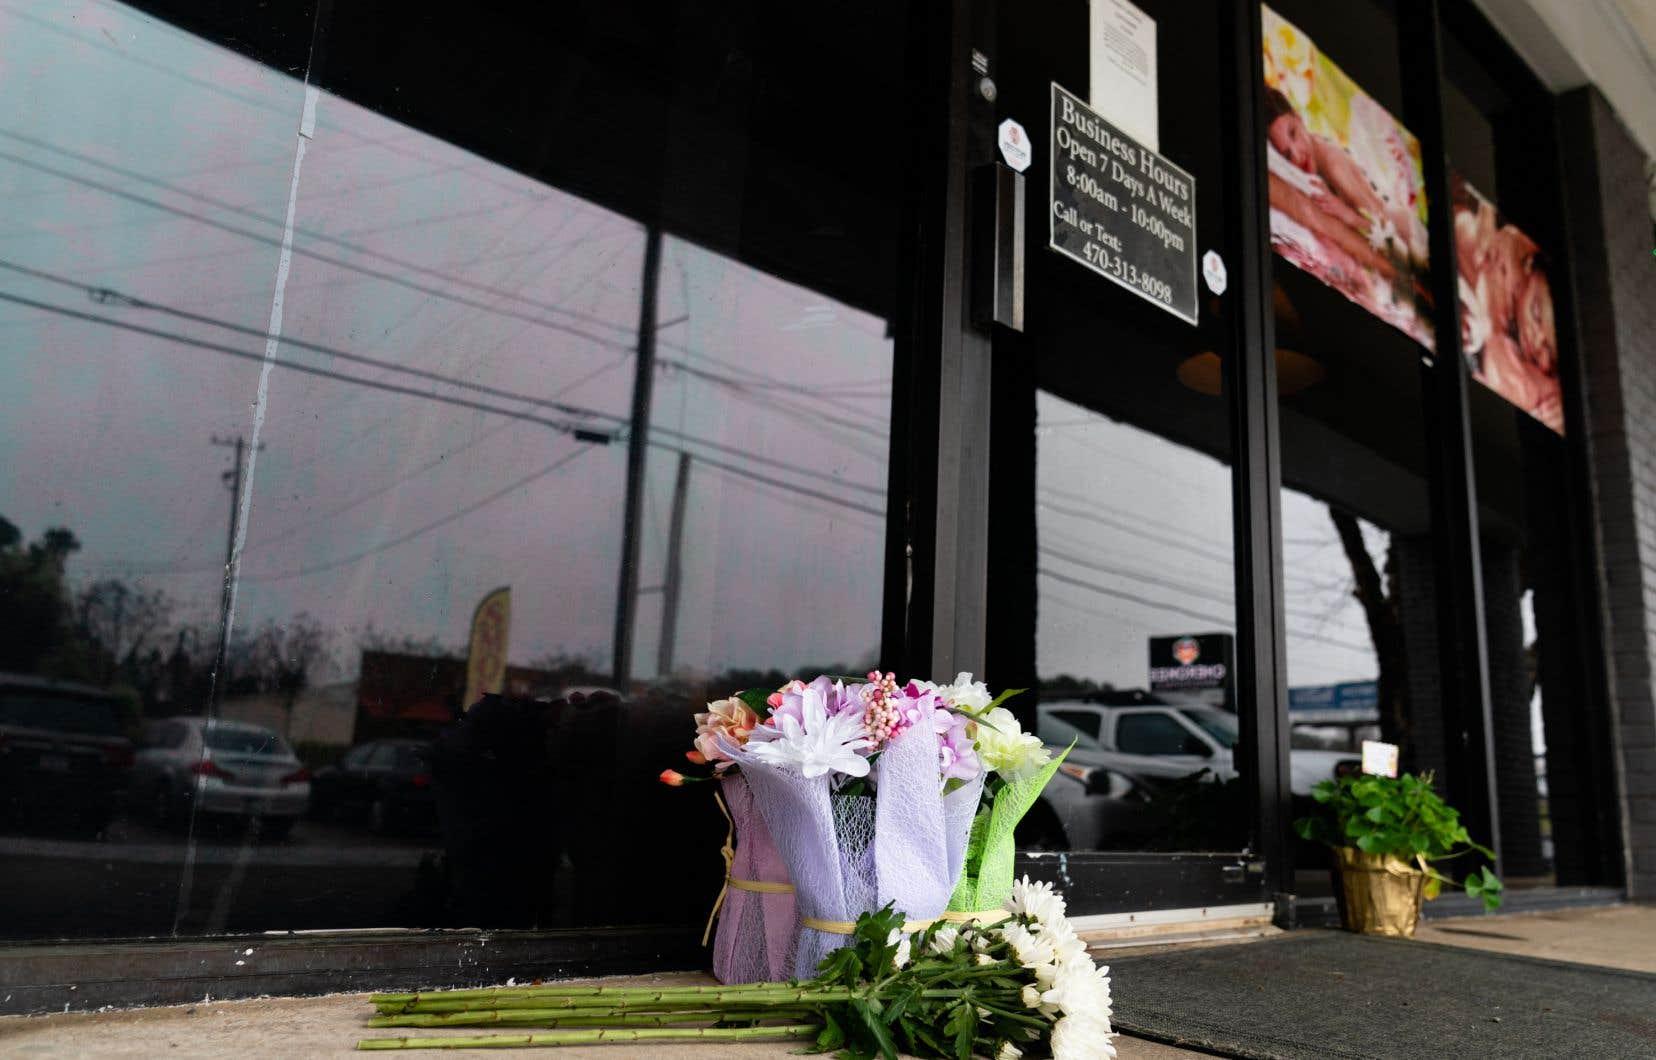 Deux bouquets de fleurs avaient été déposés mercredi devant la porte du salon de massage Aromatherapy Spa, l'un des établissements visés.